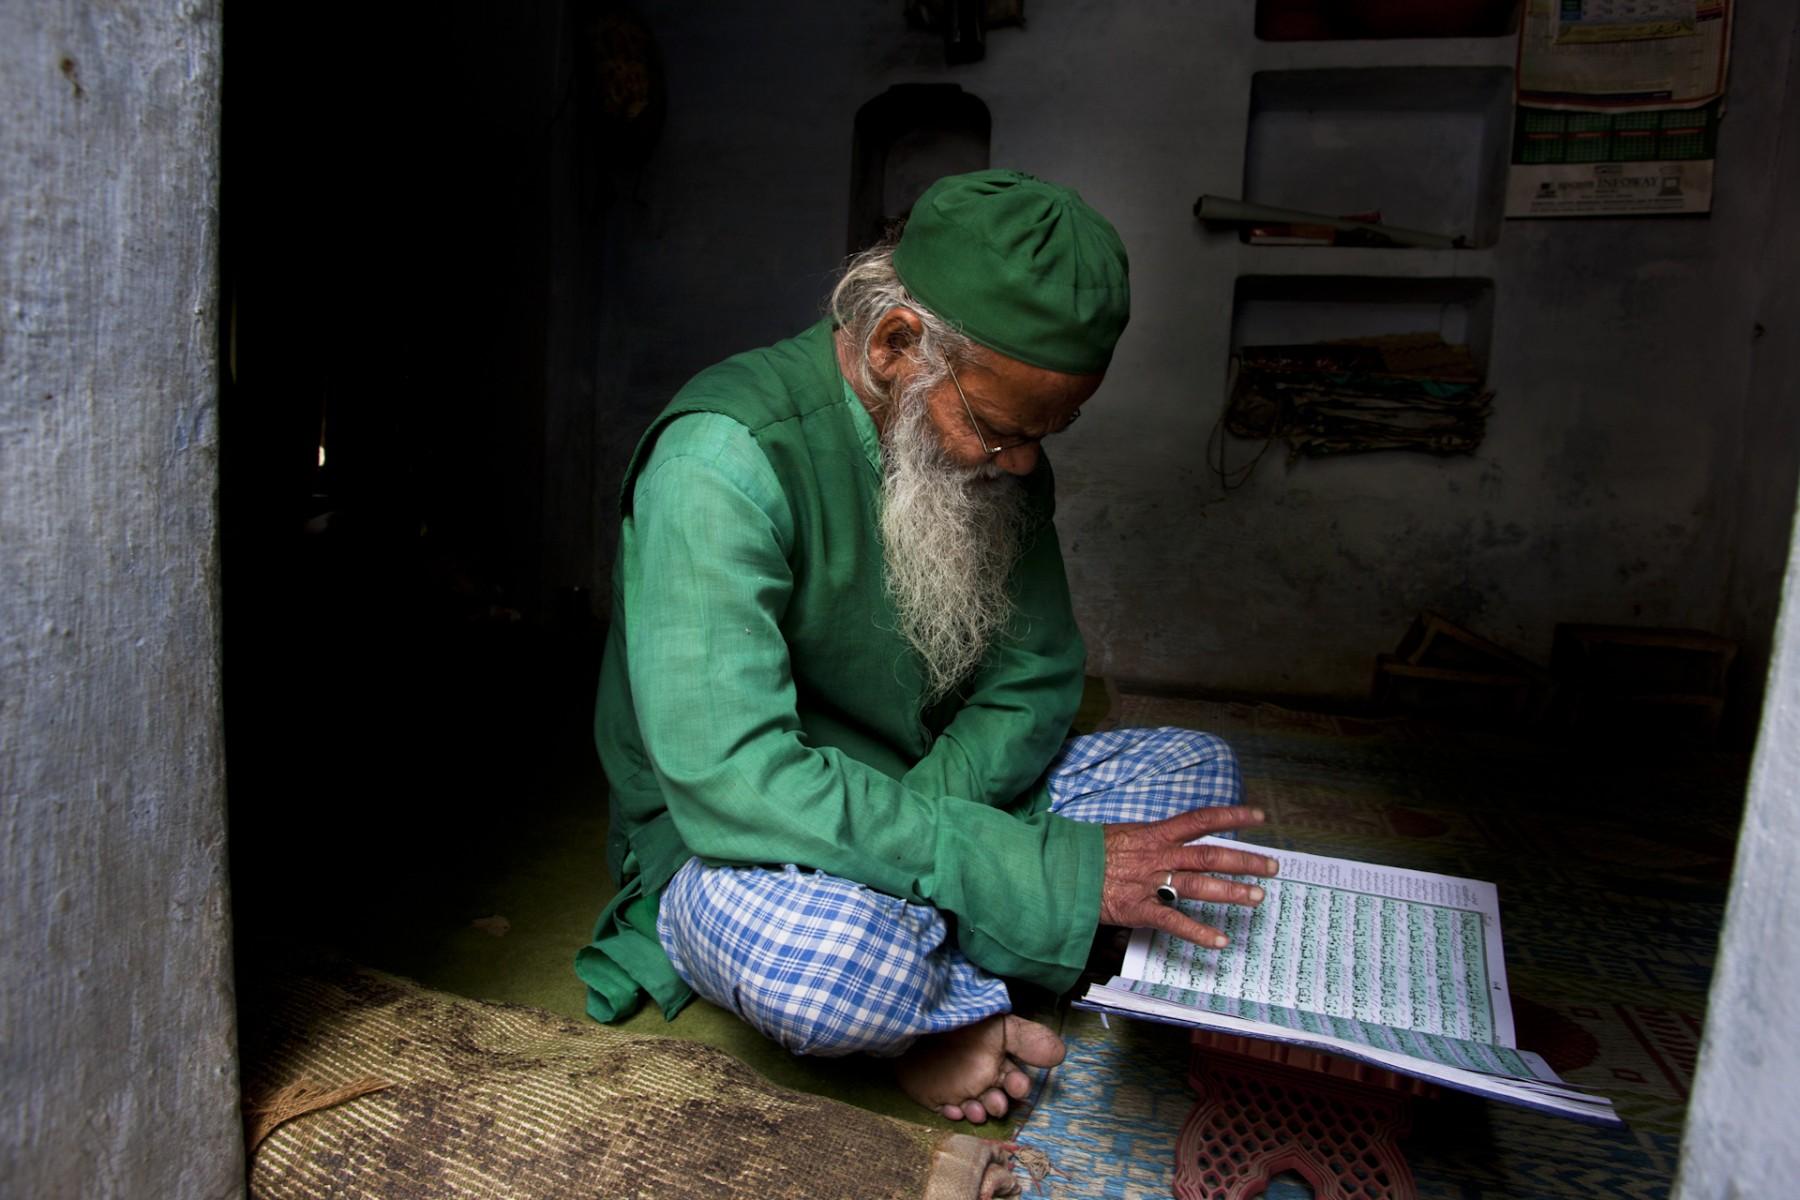 Mohammed Khadri reading the Koran